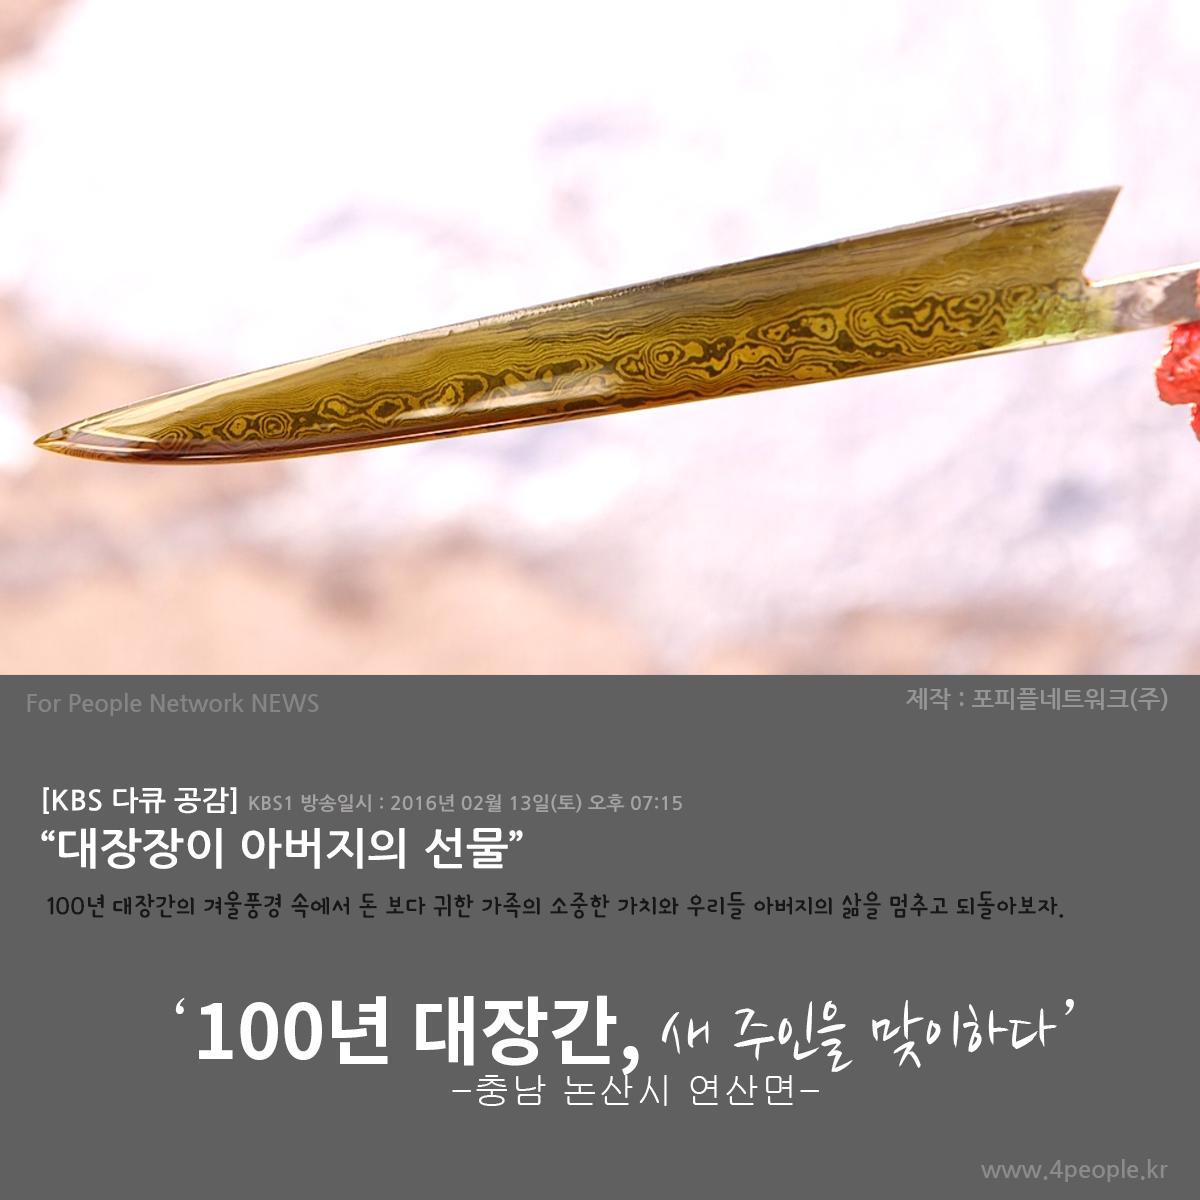 대장장이 아버지의 선물[KBS 다큐 공감]